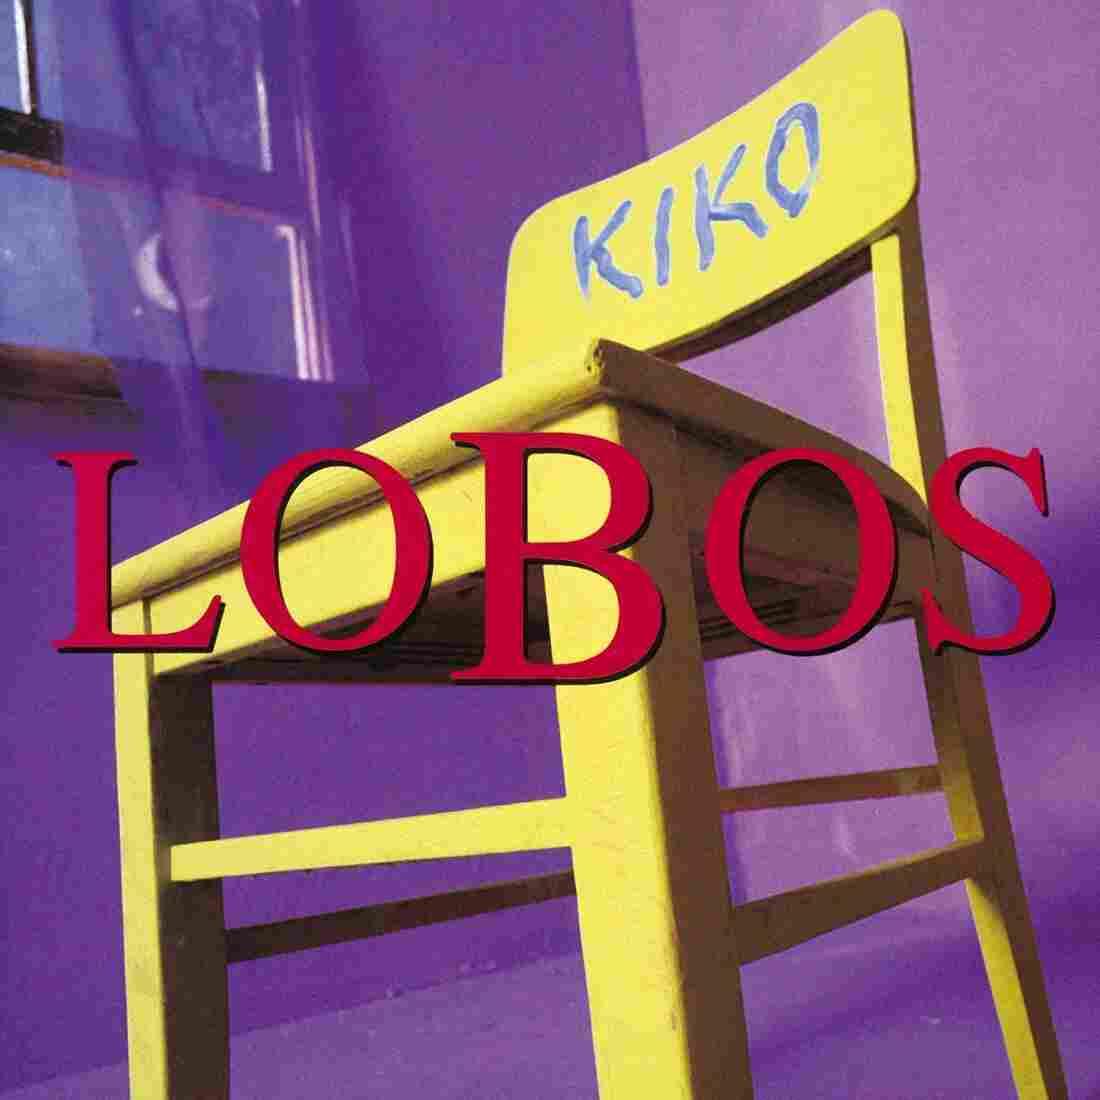 Los Lobos, Kiko